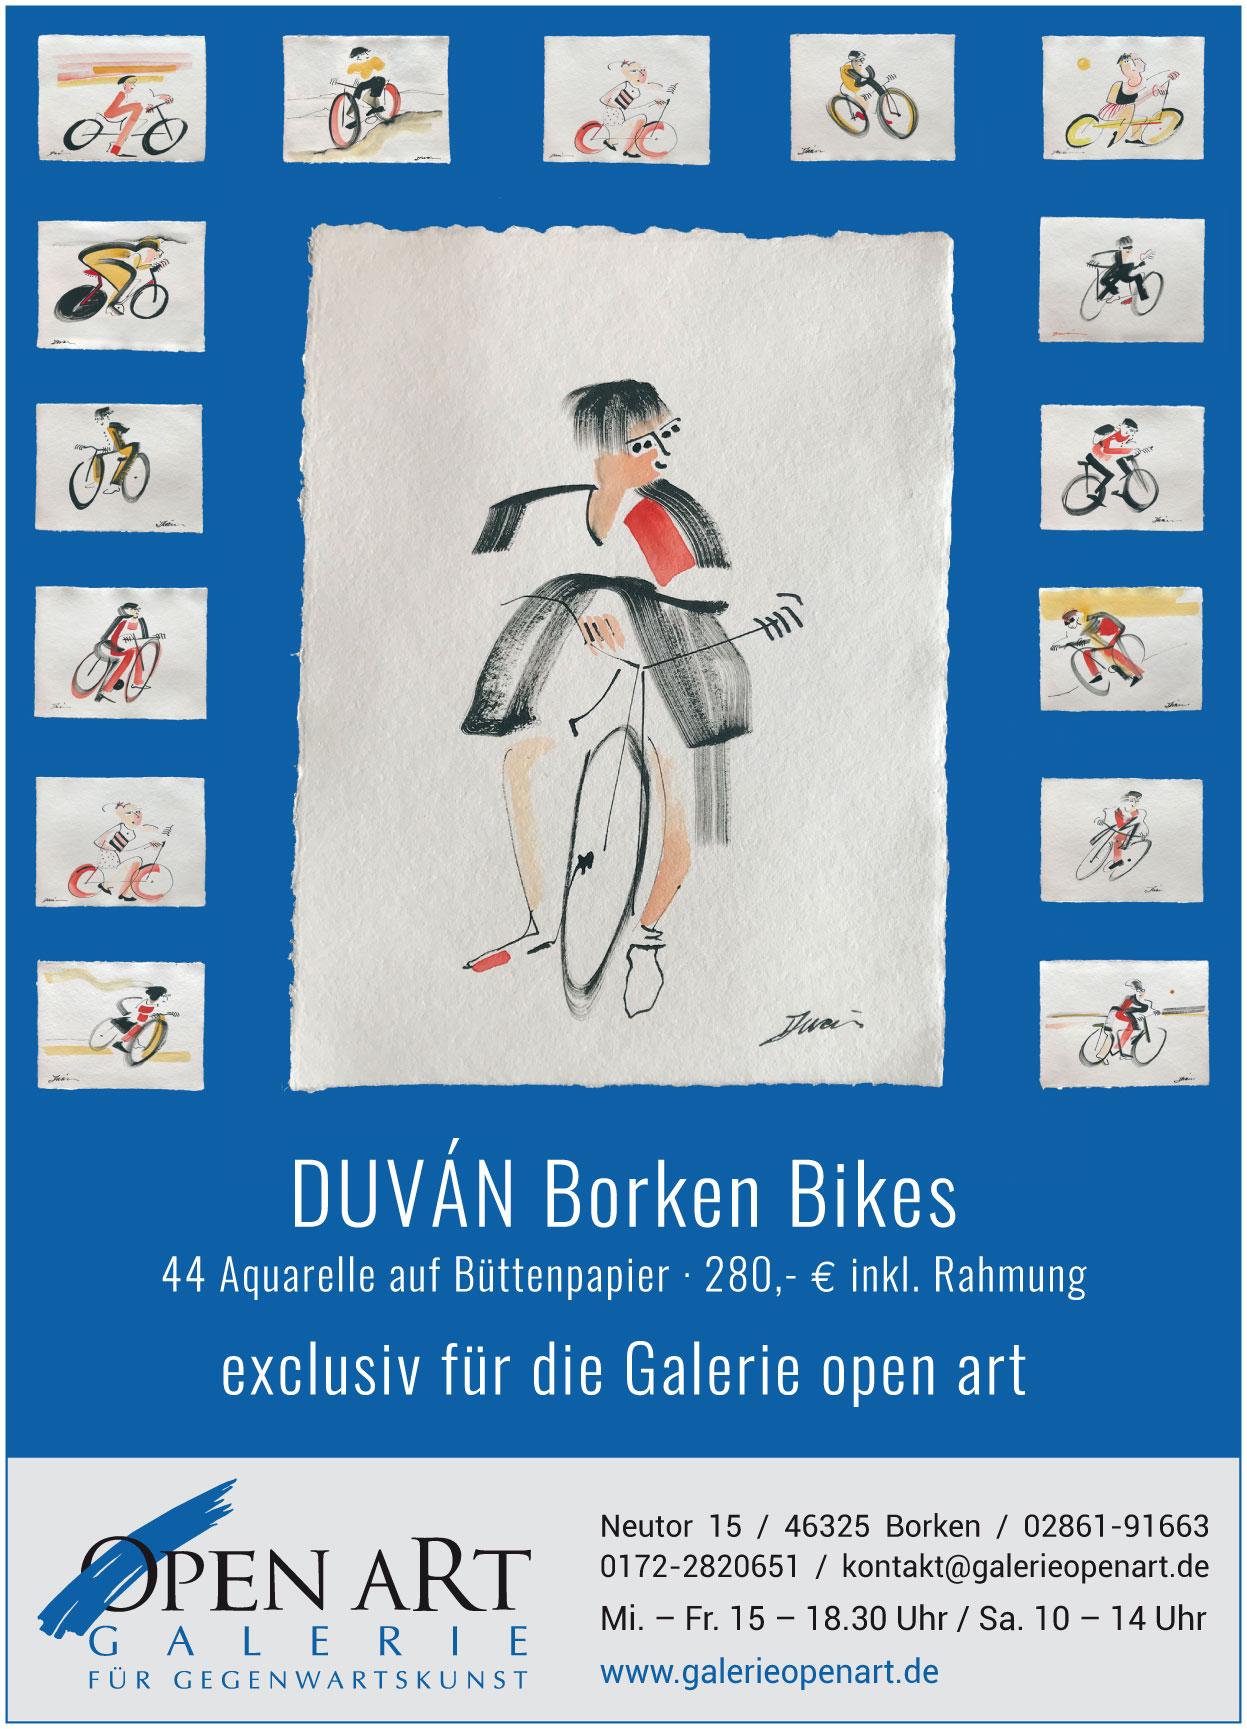 DUVAN Aquarelle auf Büttenpapier, Abmessungen: 42 x 32 cm, Preis pro Aquarell: 280 €